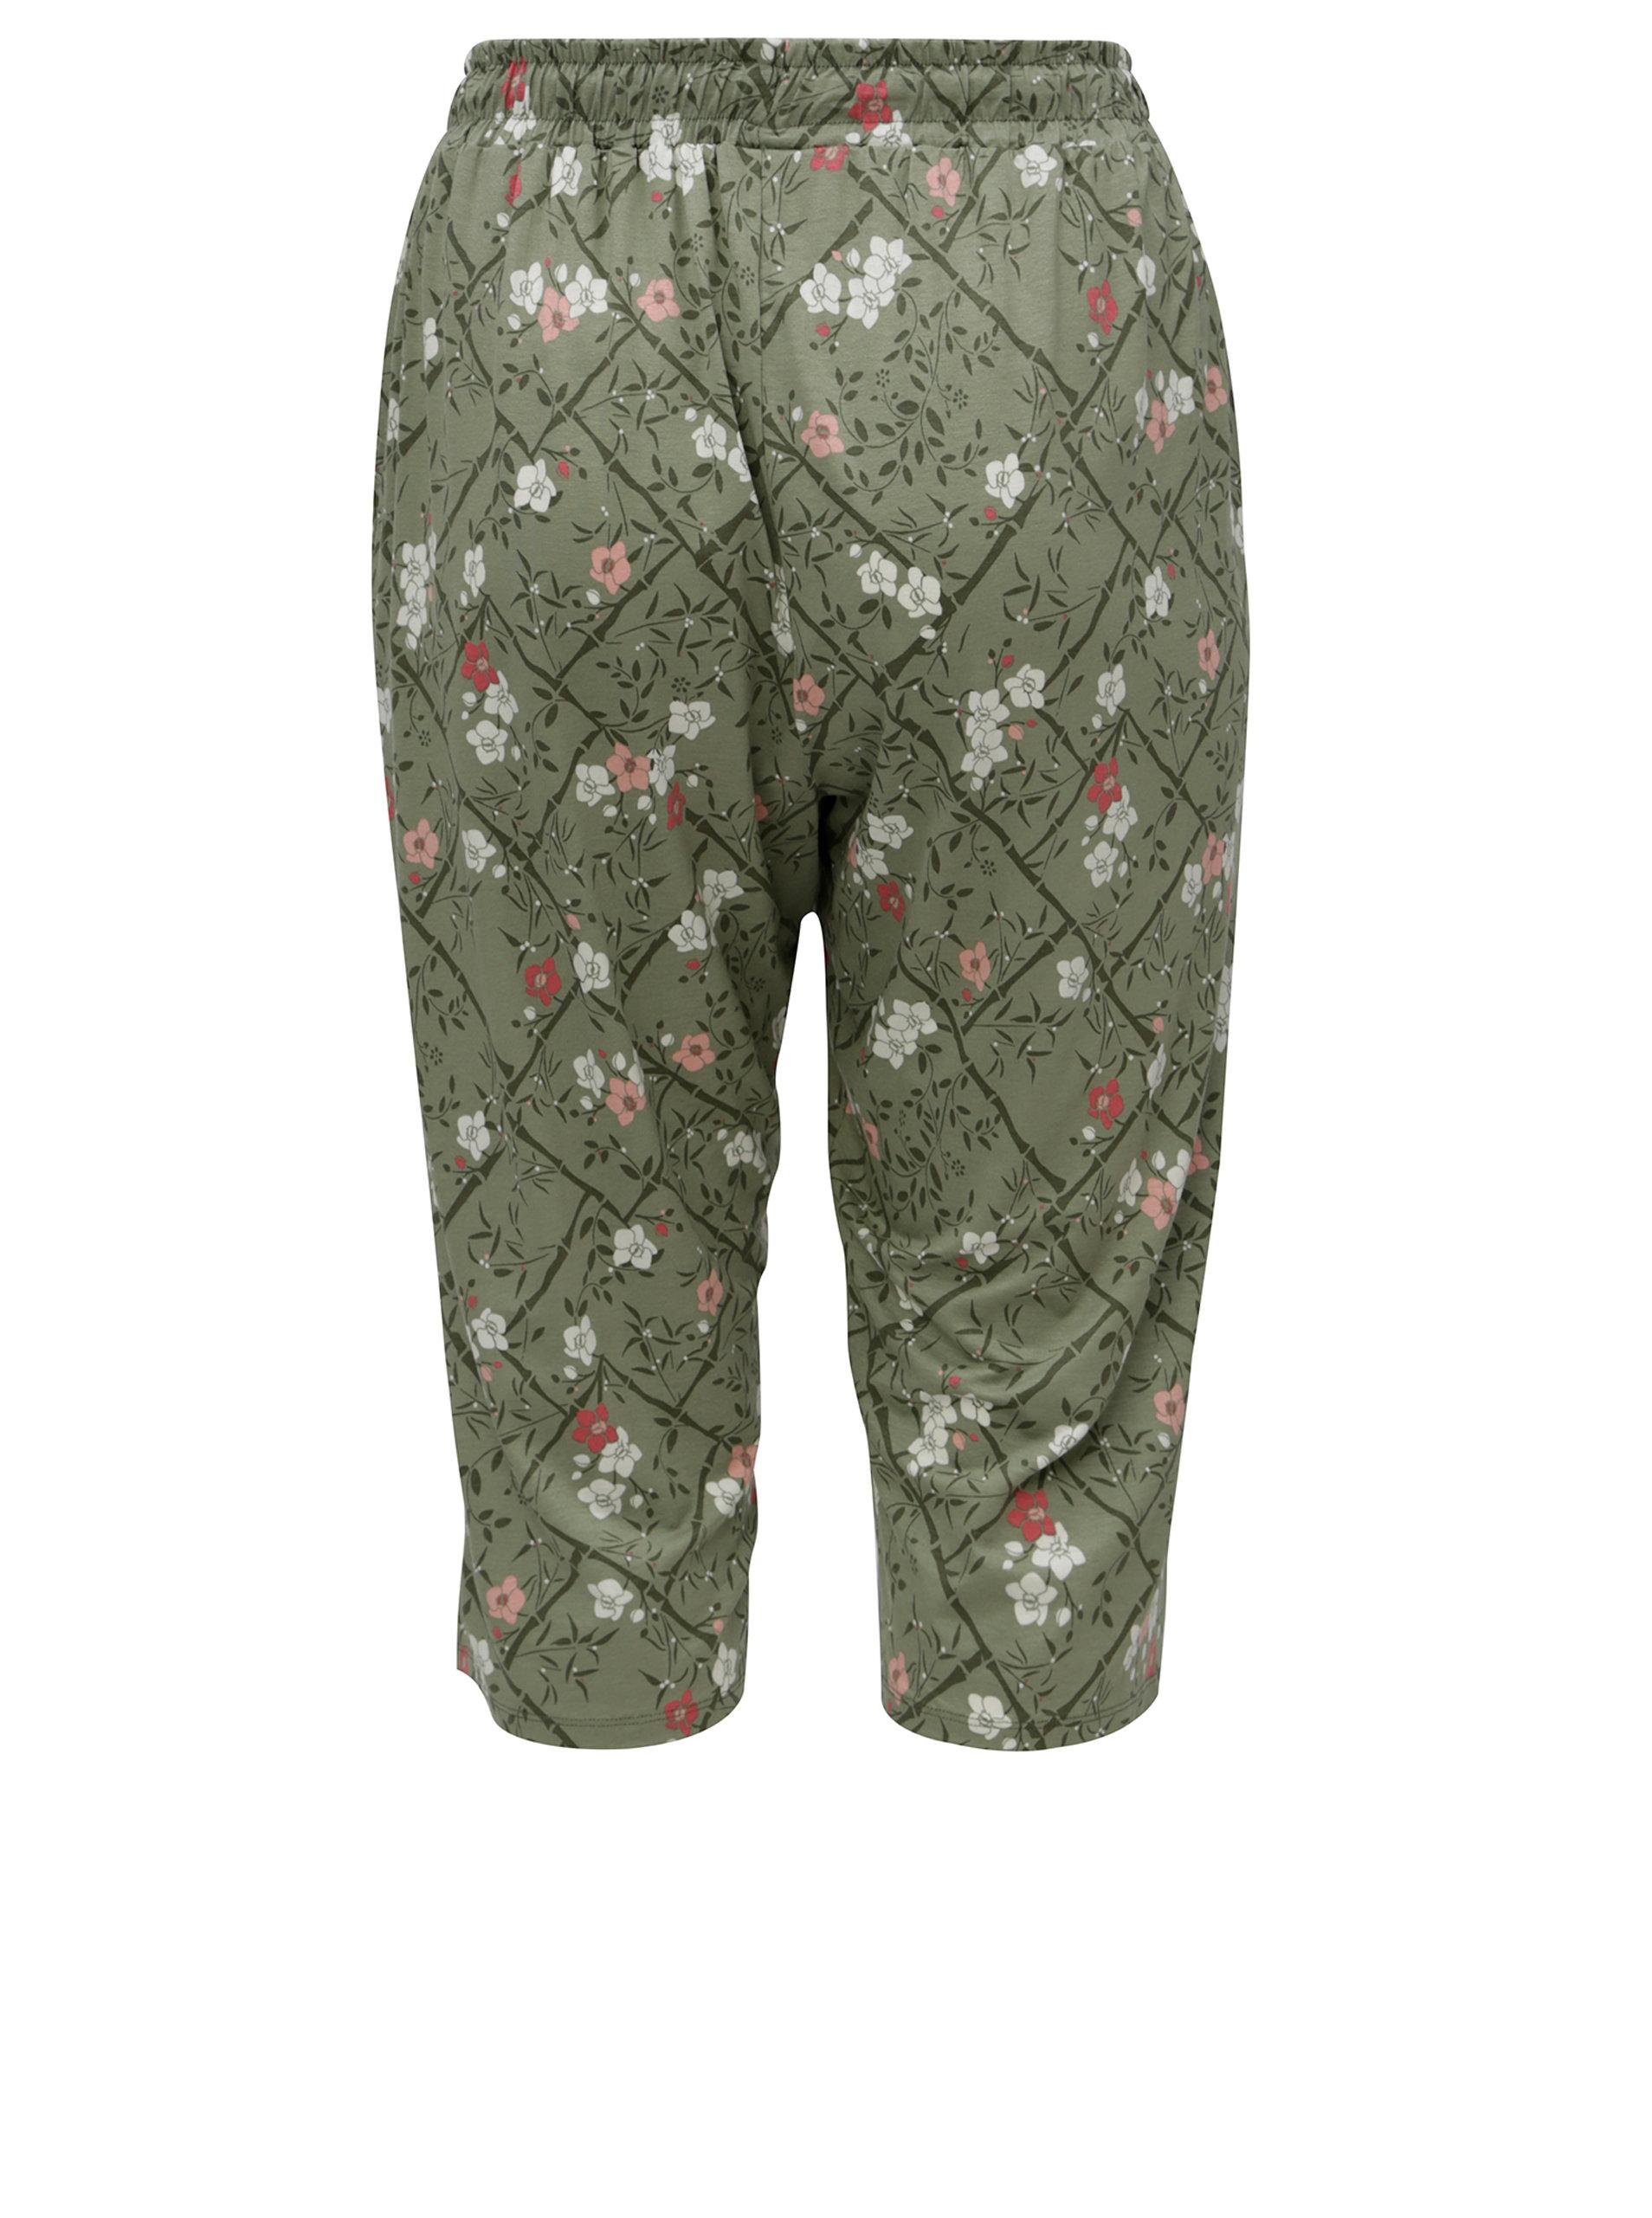 5dbd6948f132 Zelené kvetované skrátené dámske nohavice s elastickým pásom M Co ...